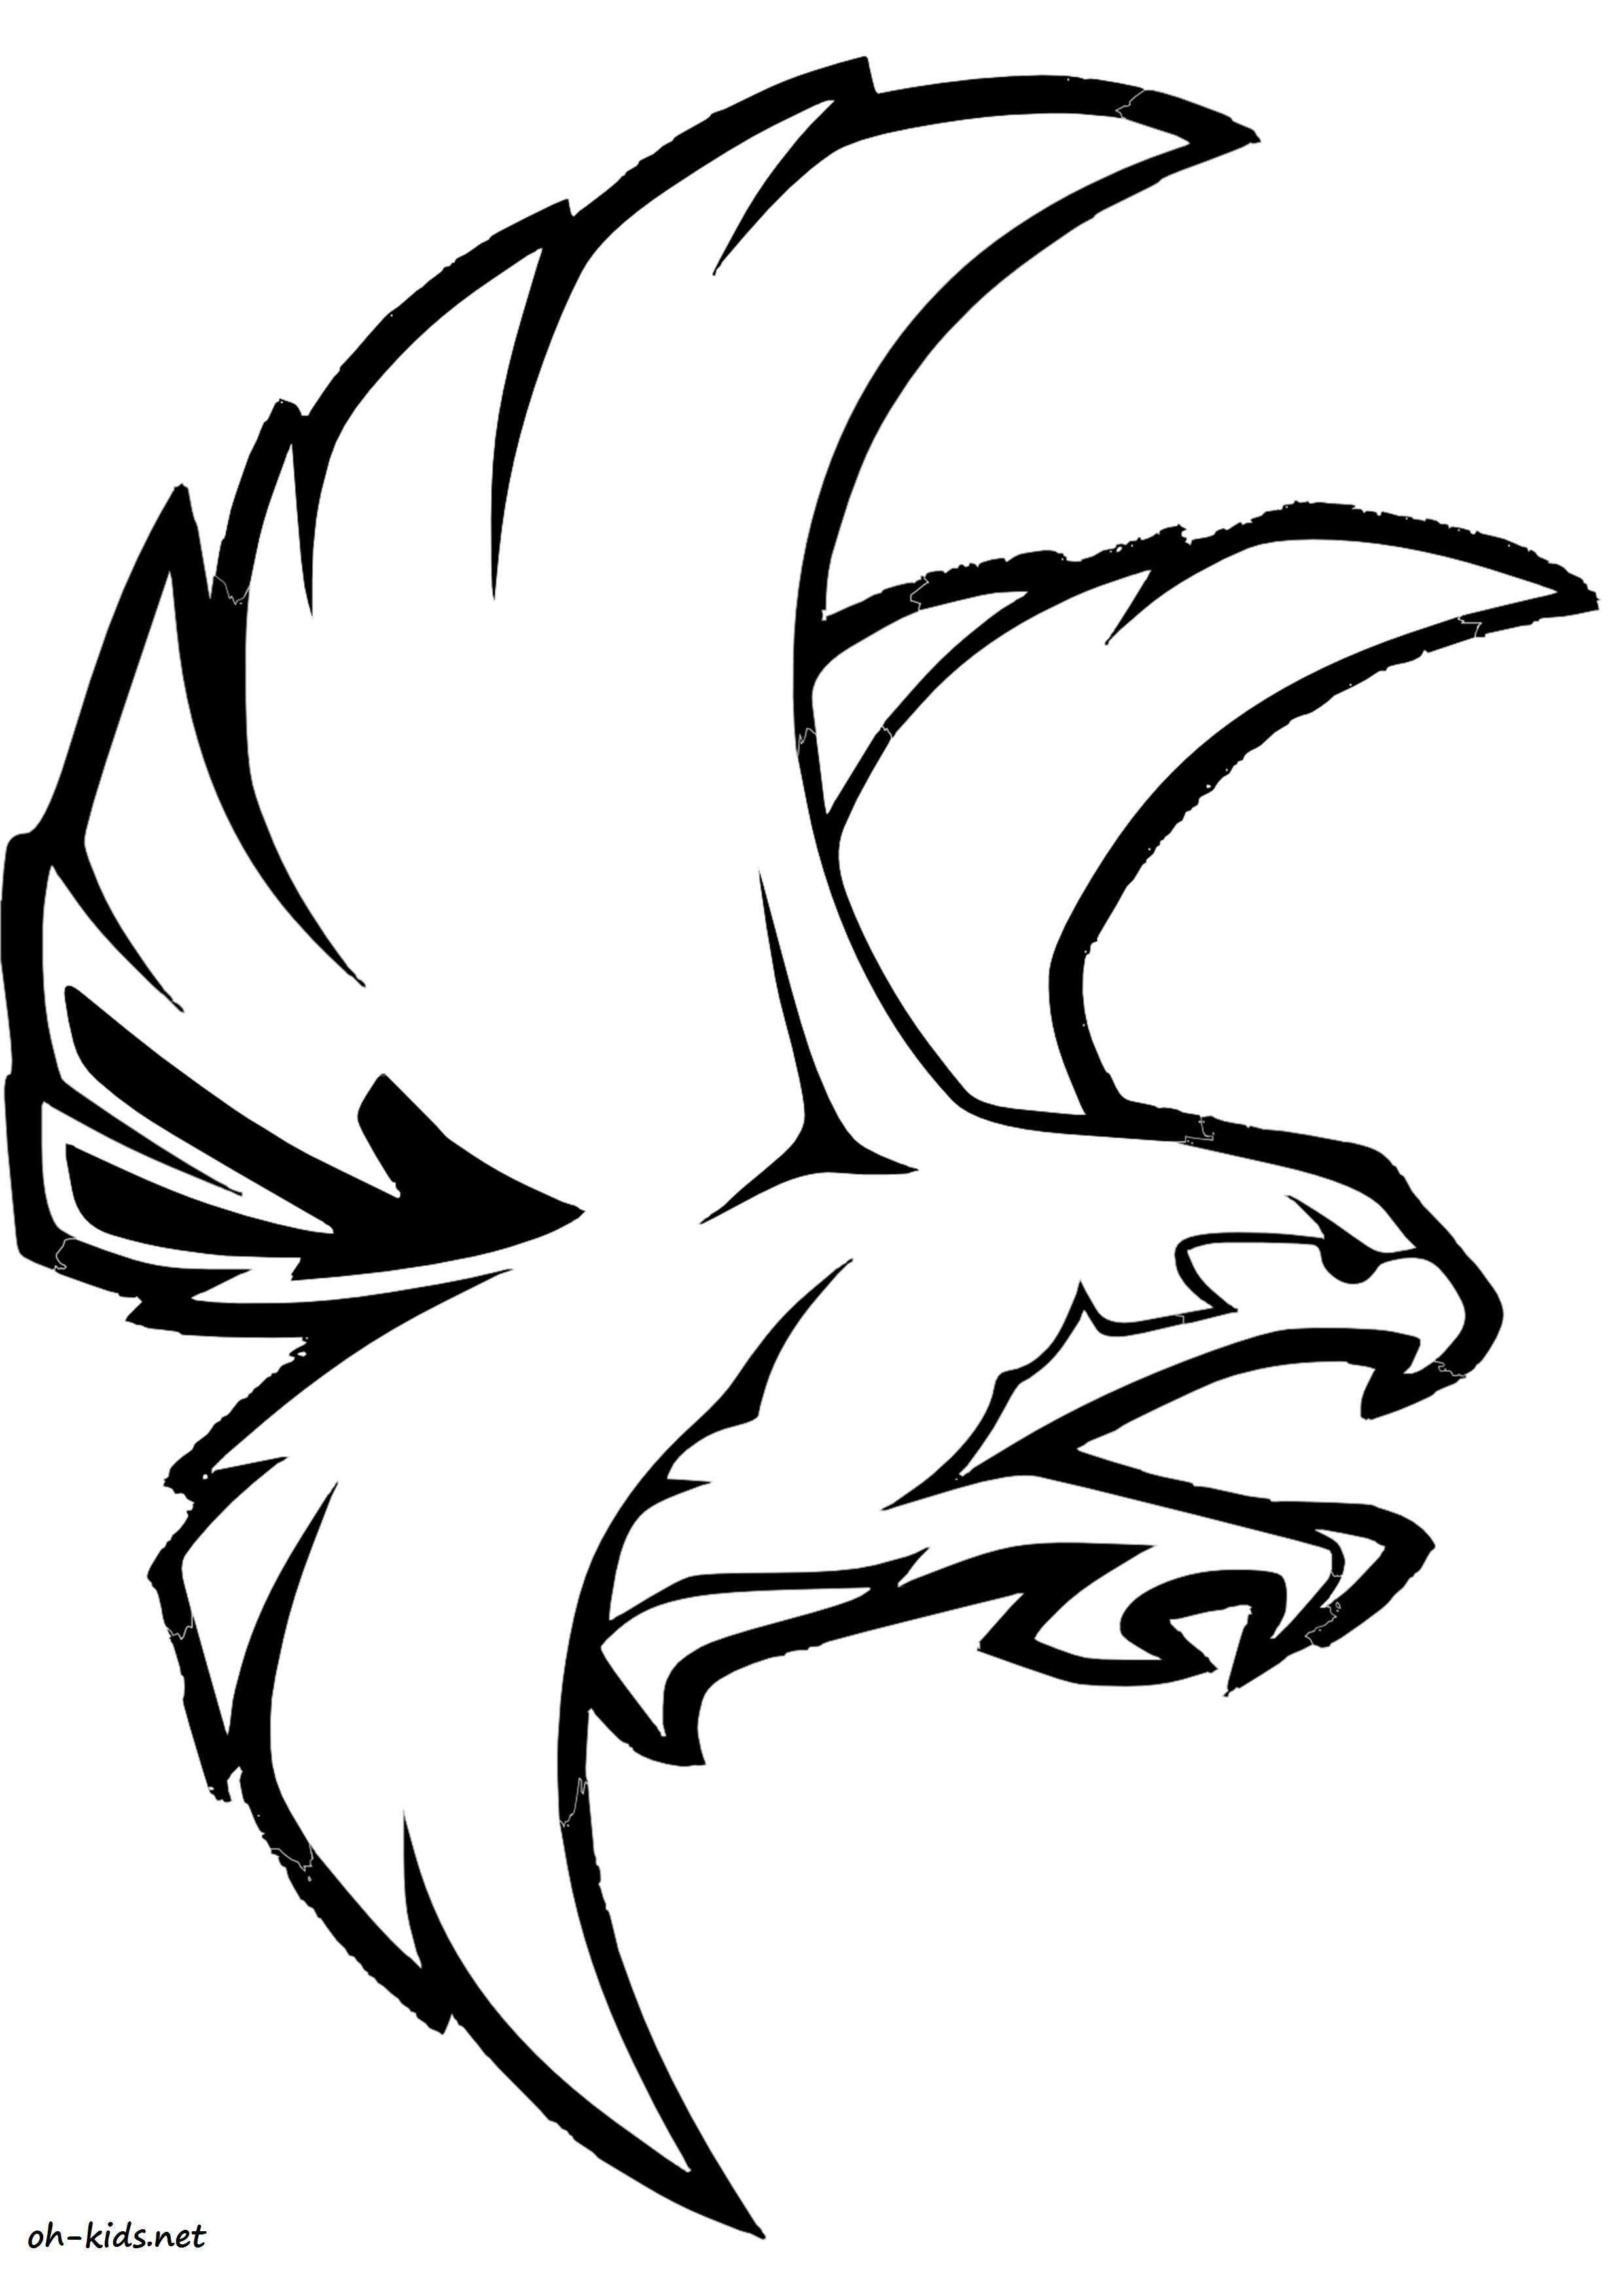 Dessin De Faucon à Colorier Image 1573 Illustrations Falcon